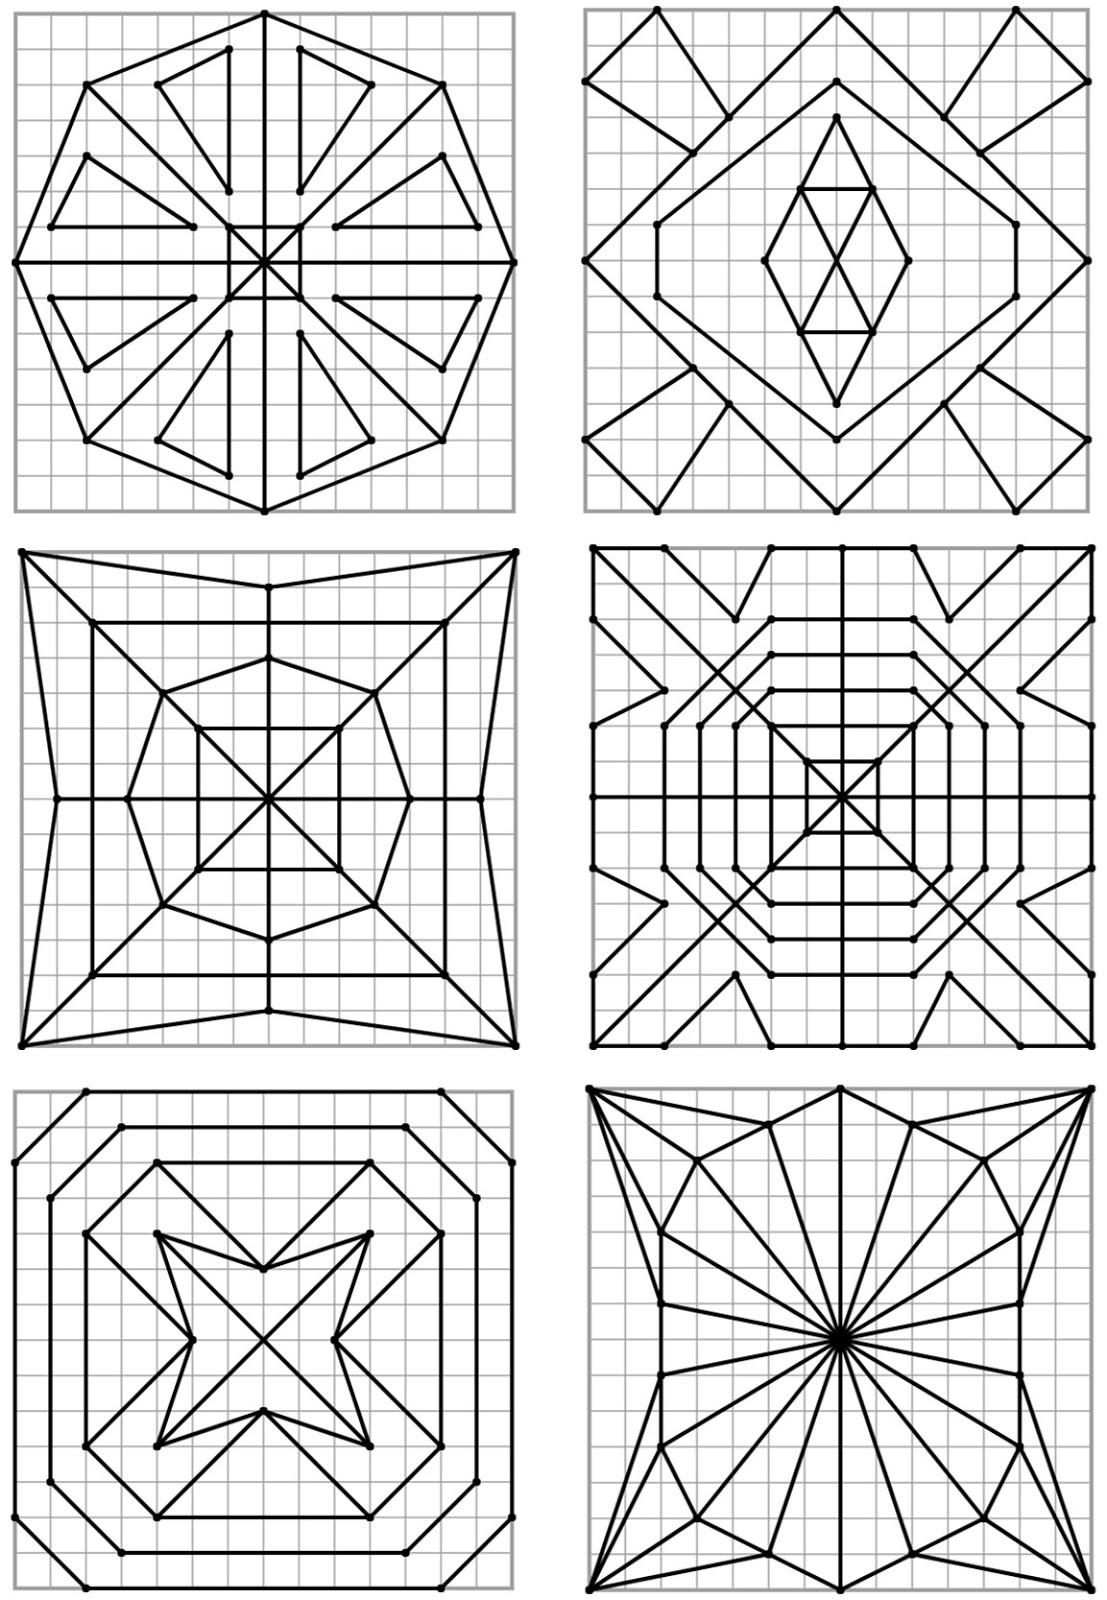 Remue Méninge: Reproduction De Figures Géométriques destiné Reproduction De Figures Sur Quadrillage